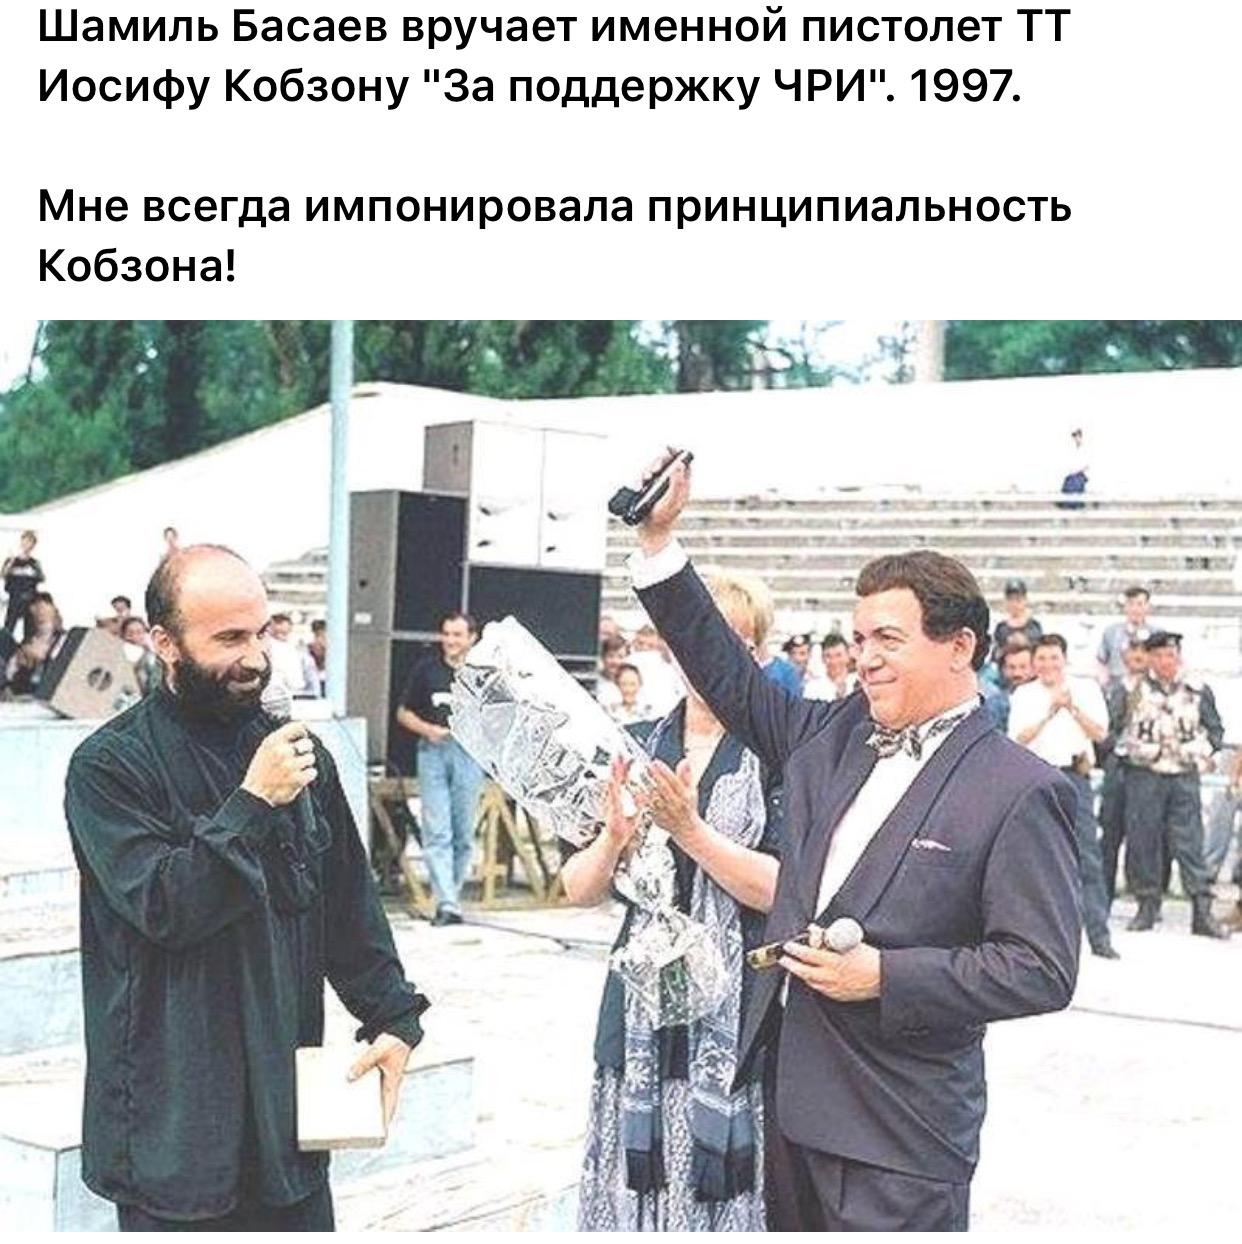 Помер відомий російський мафіозі та співак, прихильник окупації України Йосип Кобзон - Цензор.НЕТ 5705